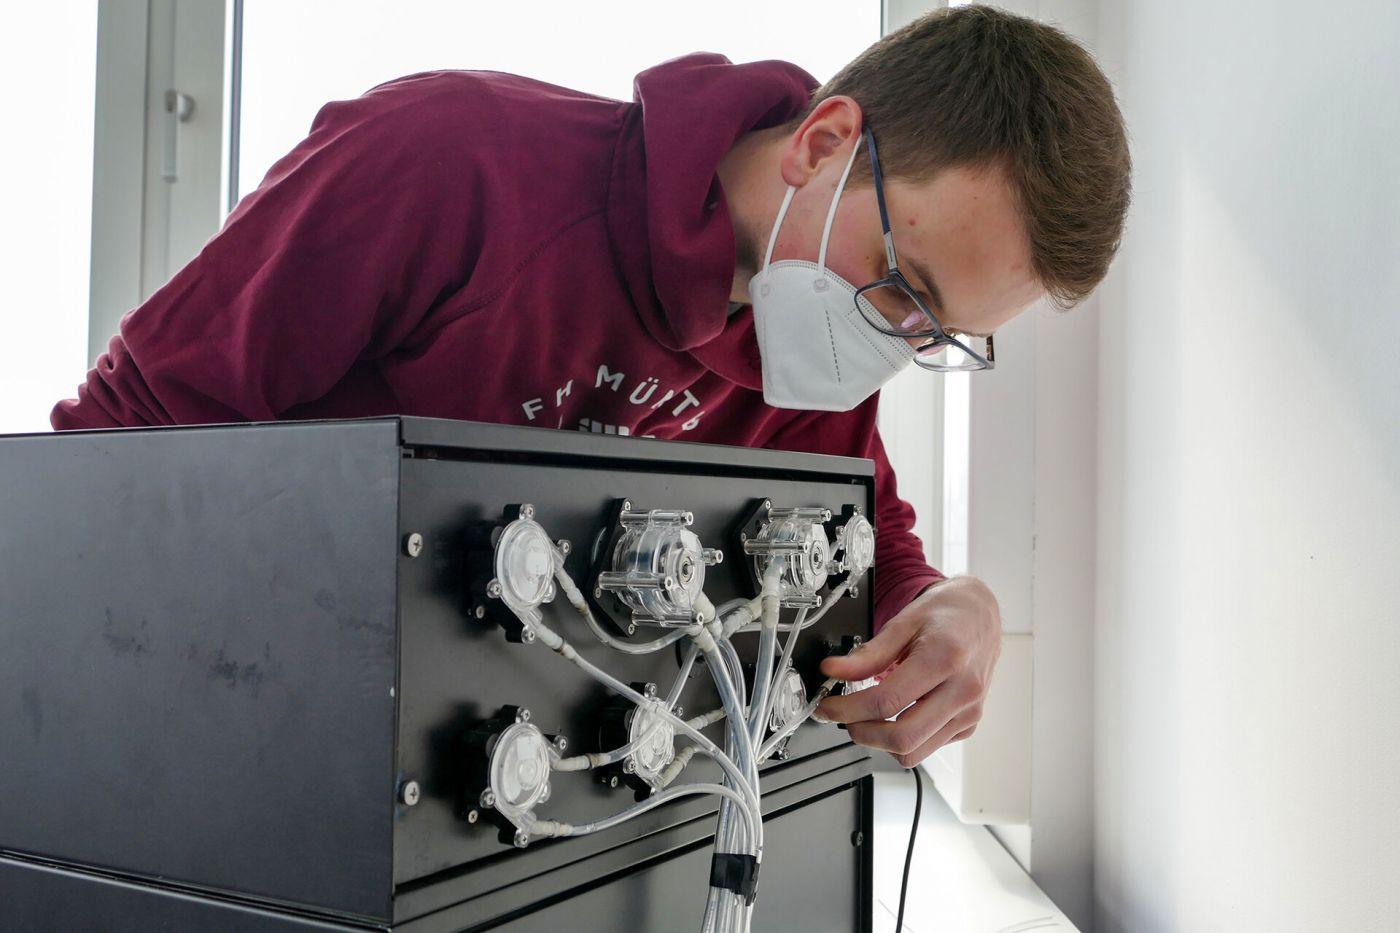 Über ein Pumpsystem auf der Rückseite kann die Cocktailmaschine auf bis zu acht unterschiedliche Zutaten zugreifen. (Foto: FH Münster/Jana Schiller)